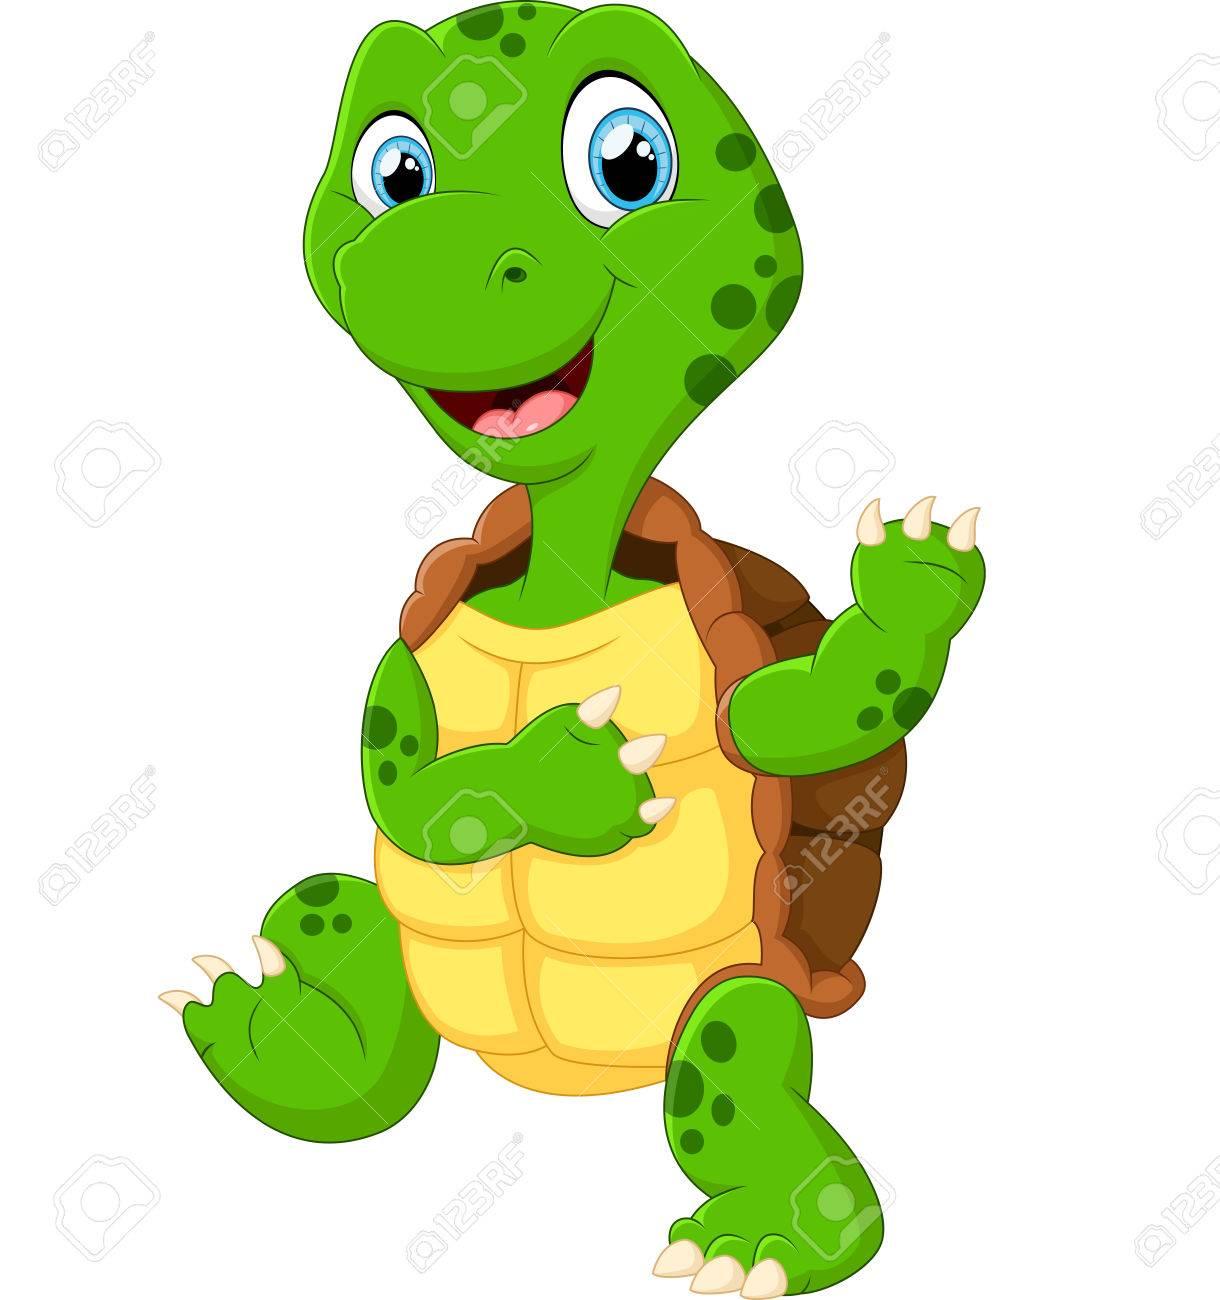 Cute Green Waving Turtle Royalty Free Klipartlar Vektör çizimler Ve